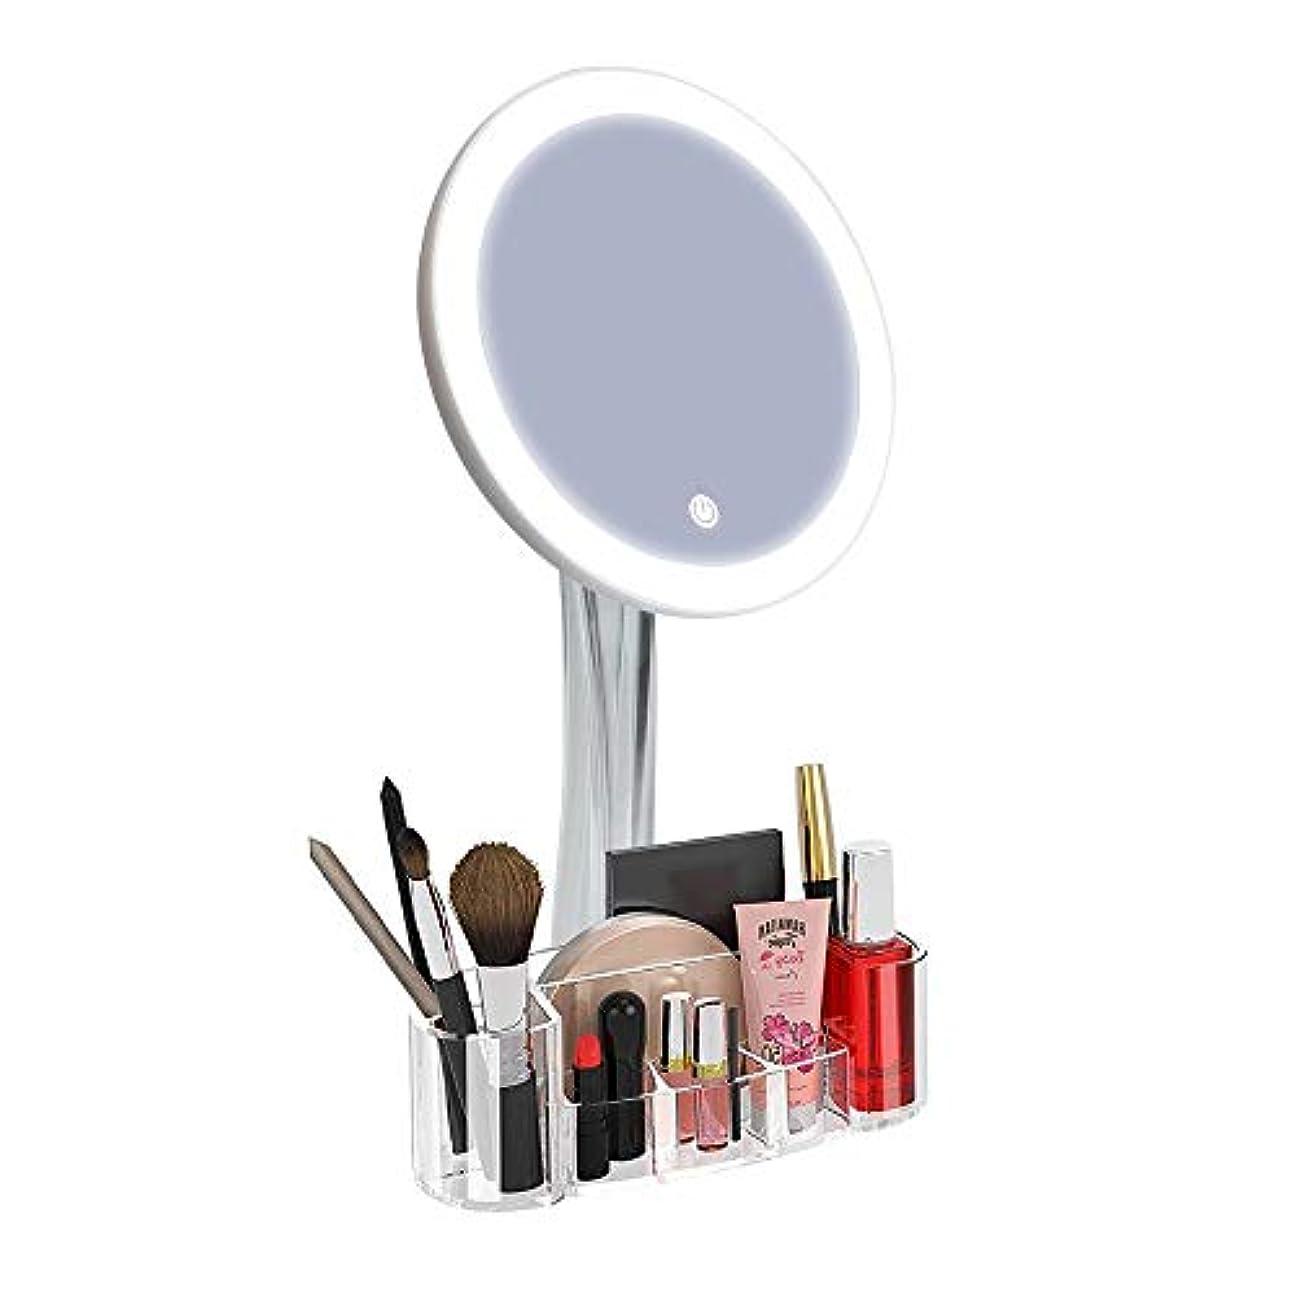 雄弁な謎閲覧する化粧鏡 メイクミラー 女優ミラー 鏡 卓上 16LEDライト付きミラー タッチスクリーン付きミラー 5倍拡大鏡 化粧品収納ボックス 明るさ調節可能 180度回転 USB/単三電池給電